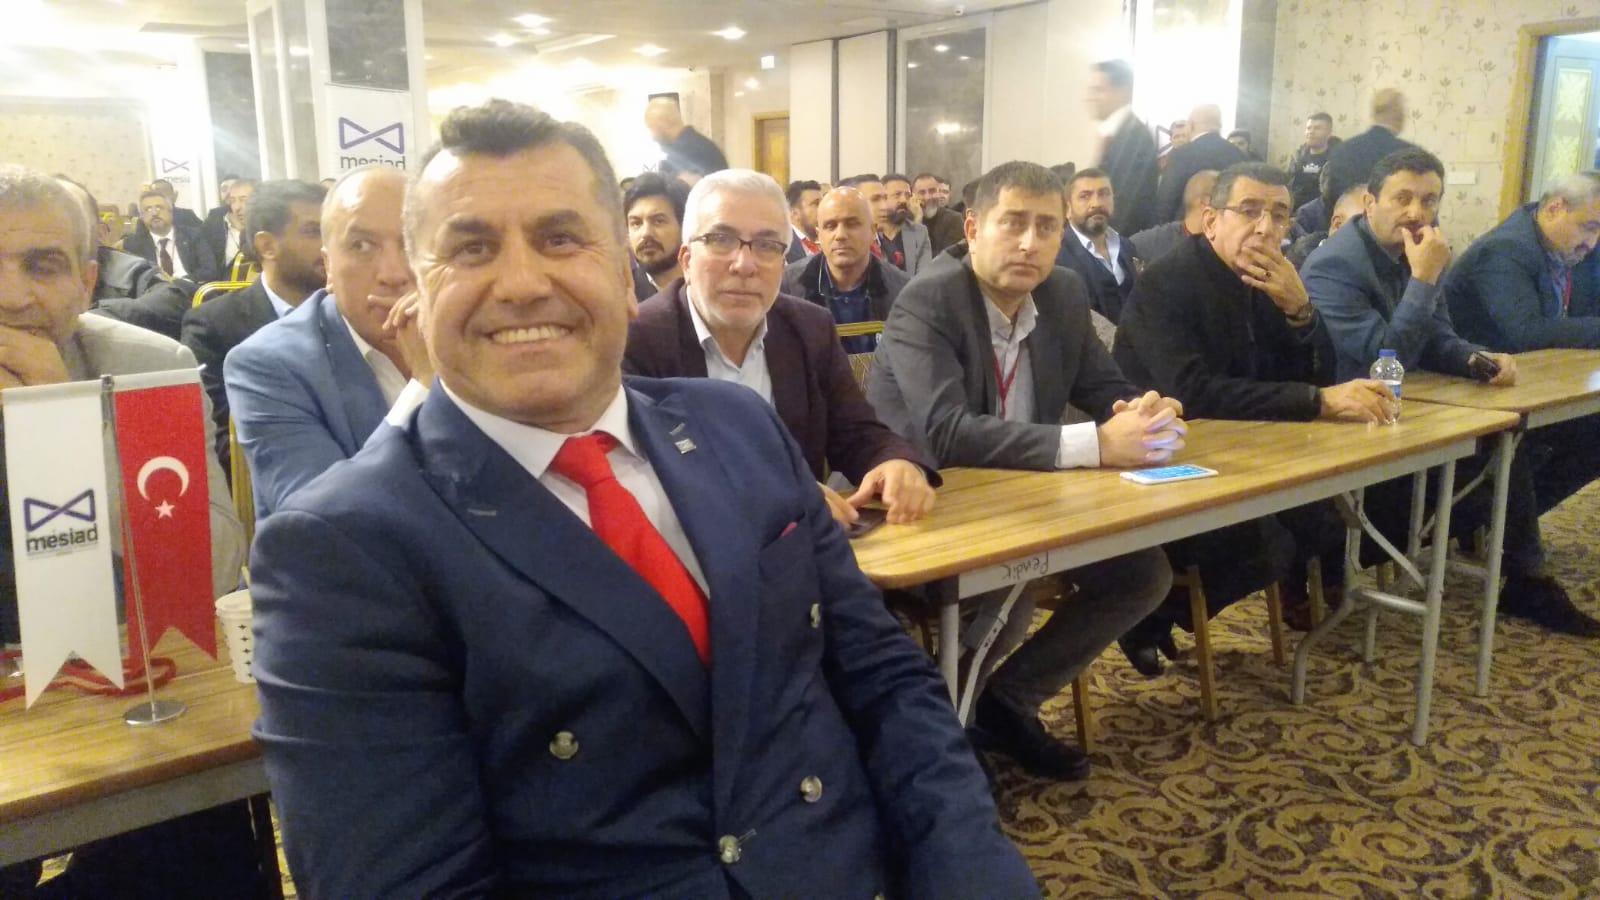 Mesiad kongresinde güven tazelendi, Bayrak Yusuf Gecü'de